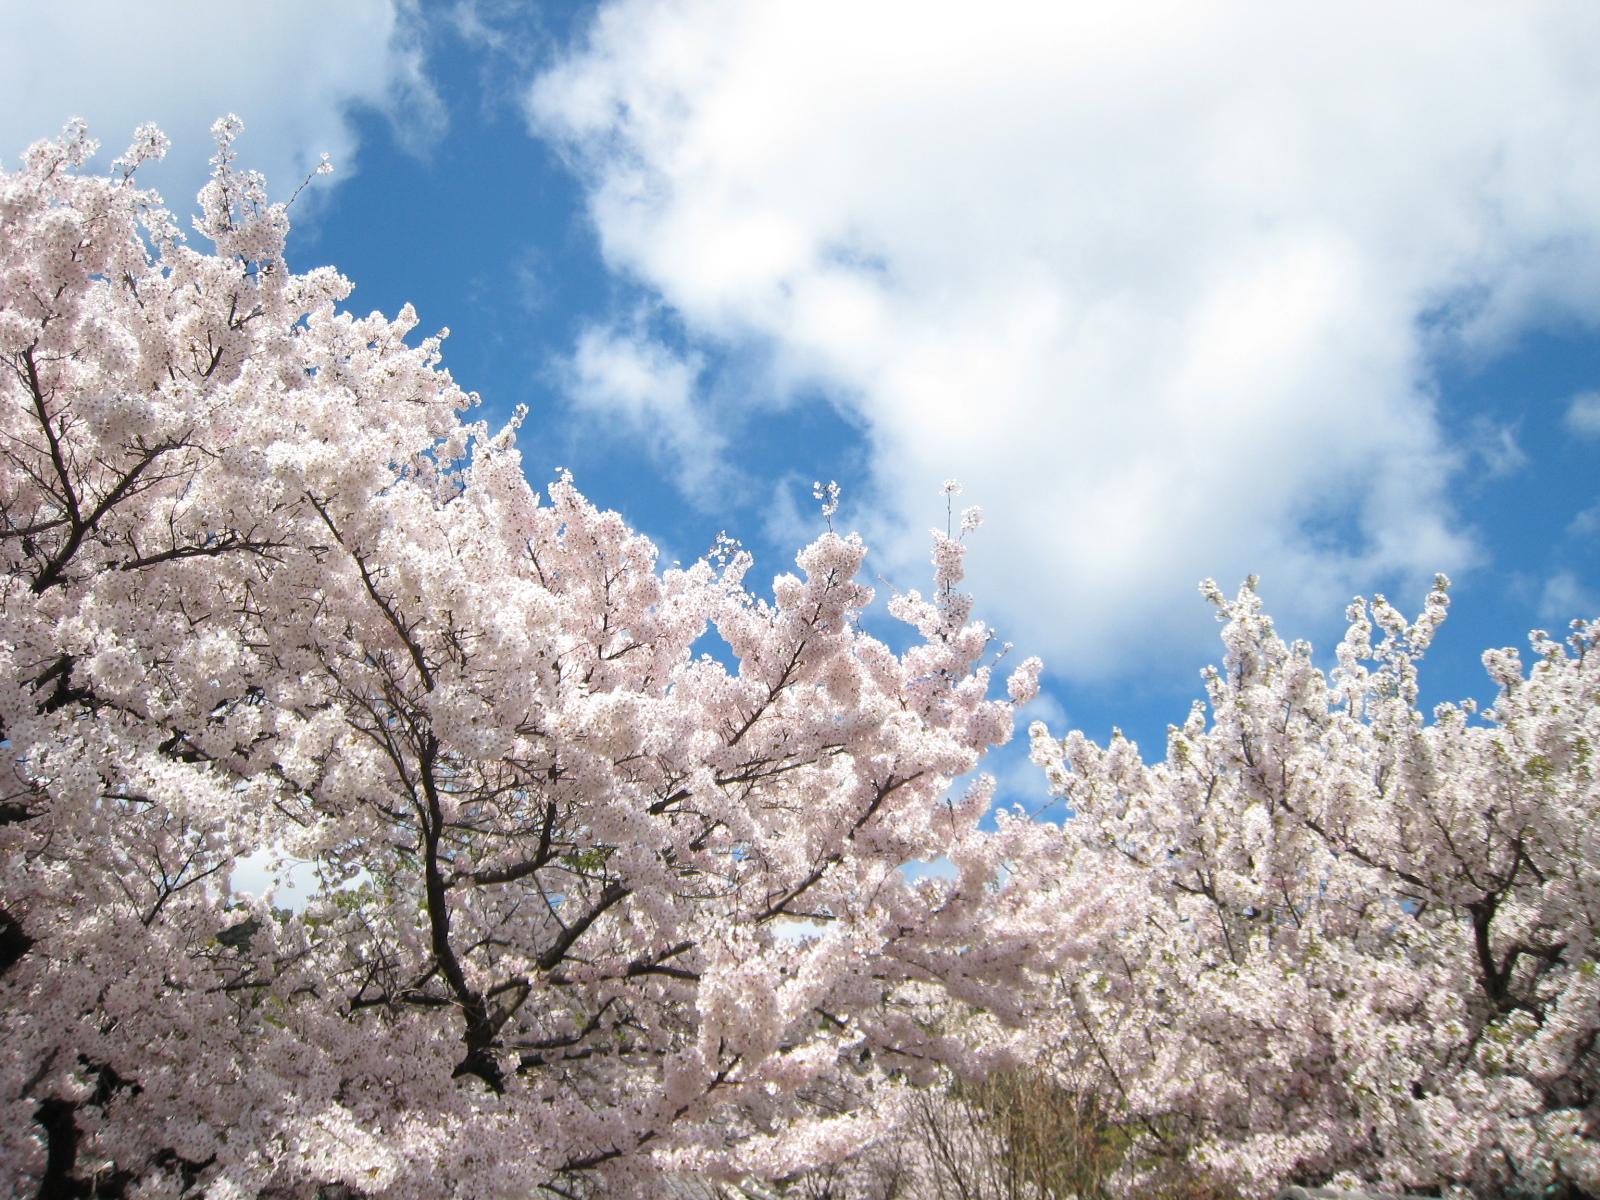 福山・鞆の浦 桜の名所、花見スポット厳選7ヵ所